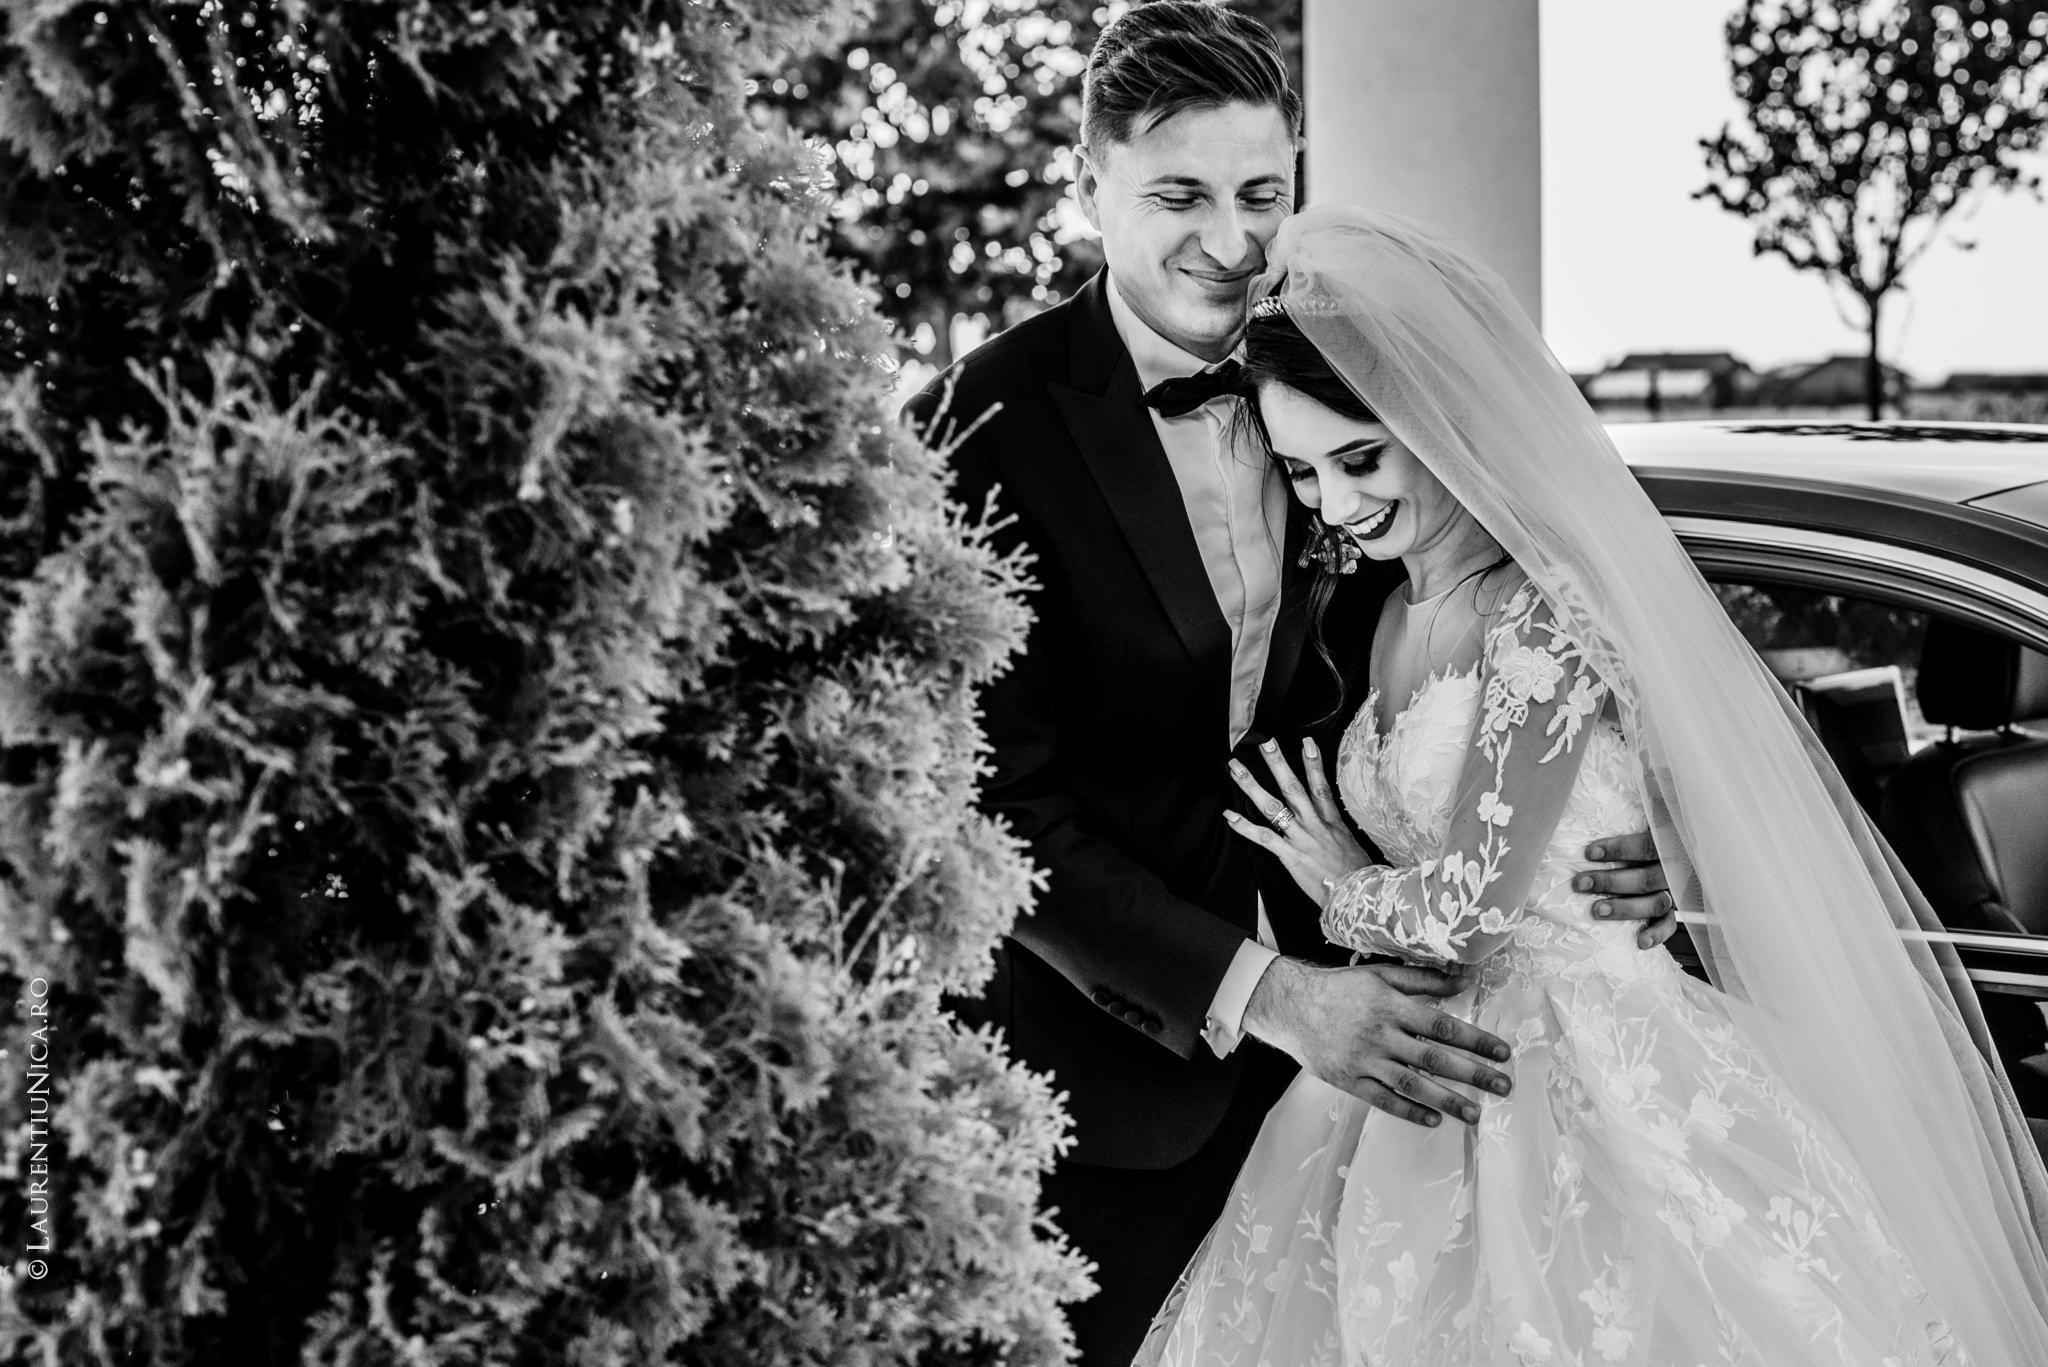 fotografii nunta denisa si florin craiova 31 - Denisa & Florin | Fotografii nunta | Craiova